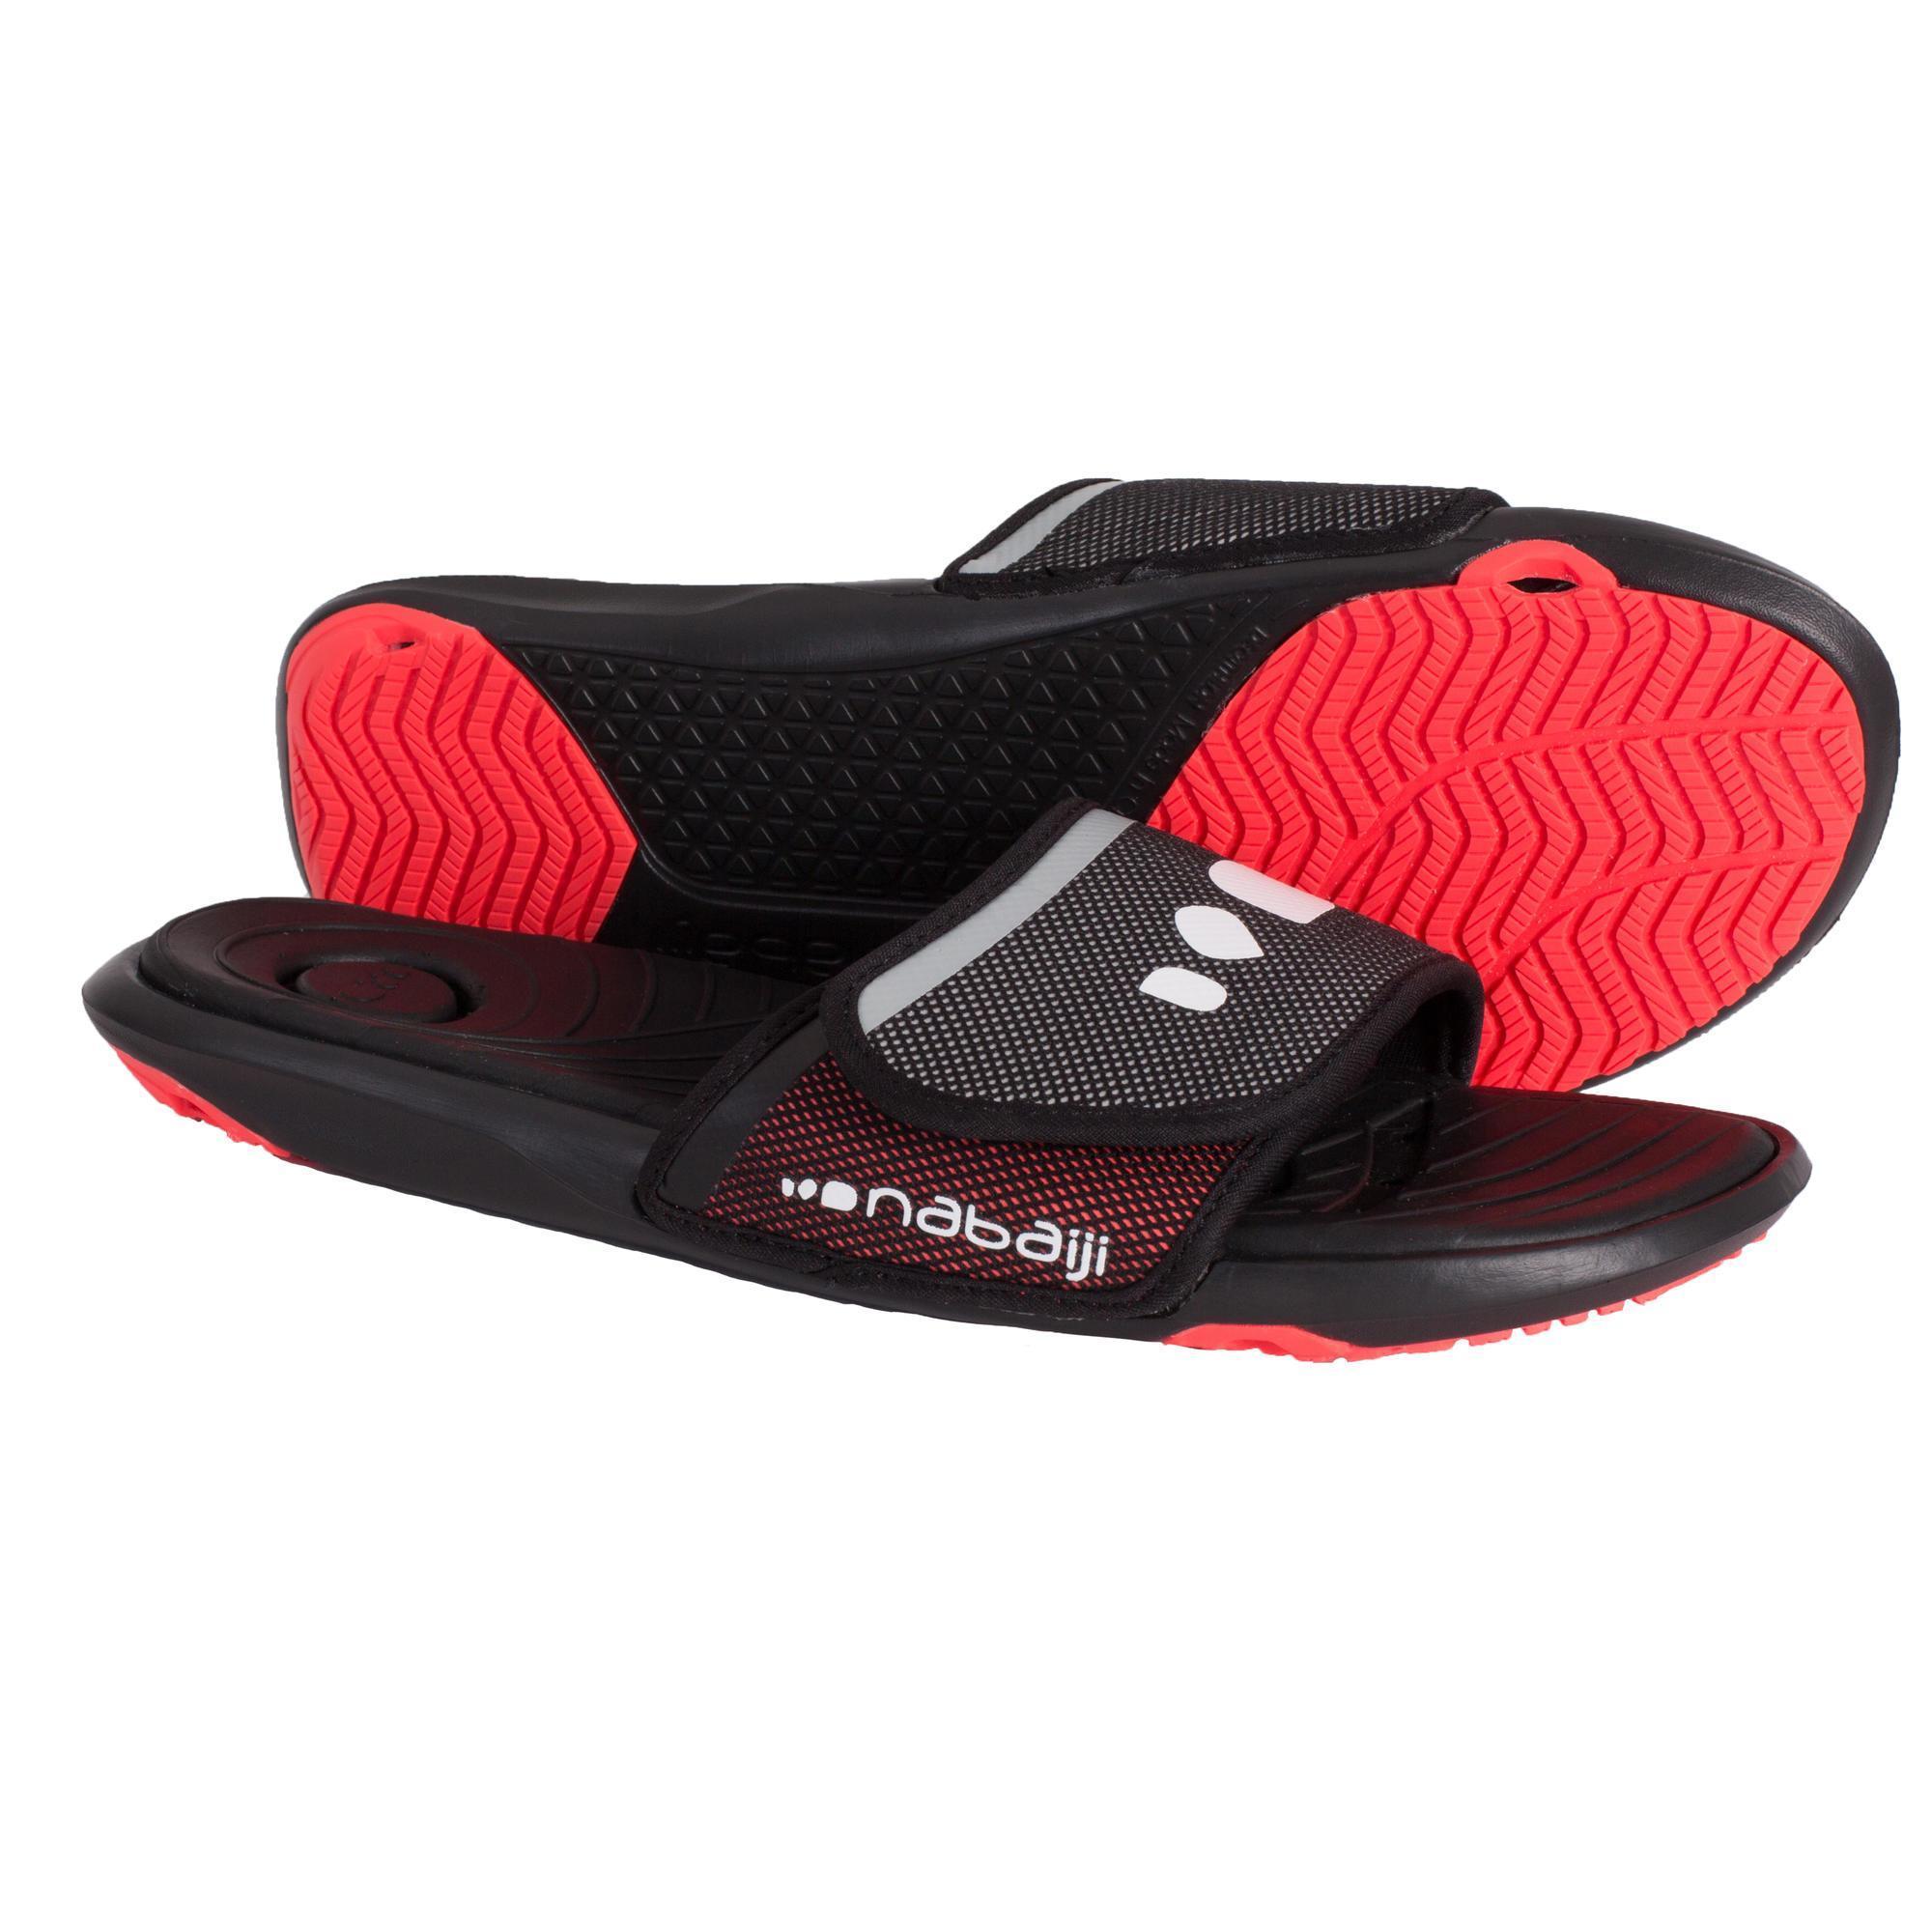 Nabaiji Badsandalen voor heren Slap 900 Soft zwart/rood